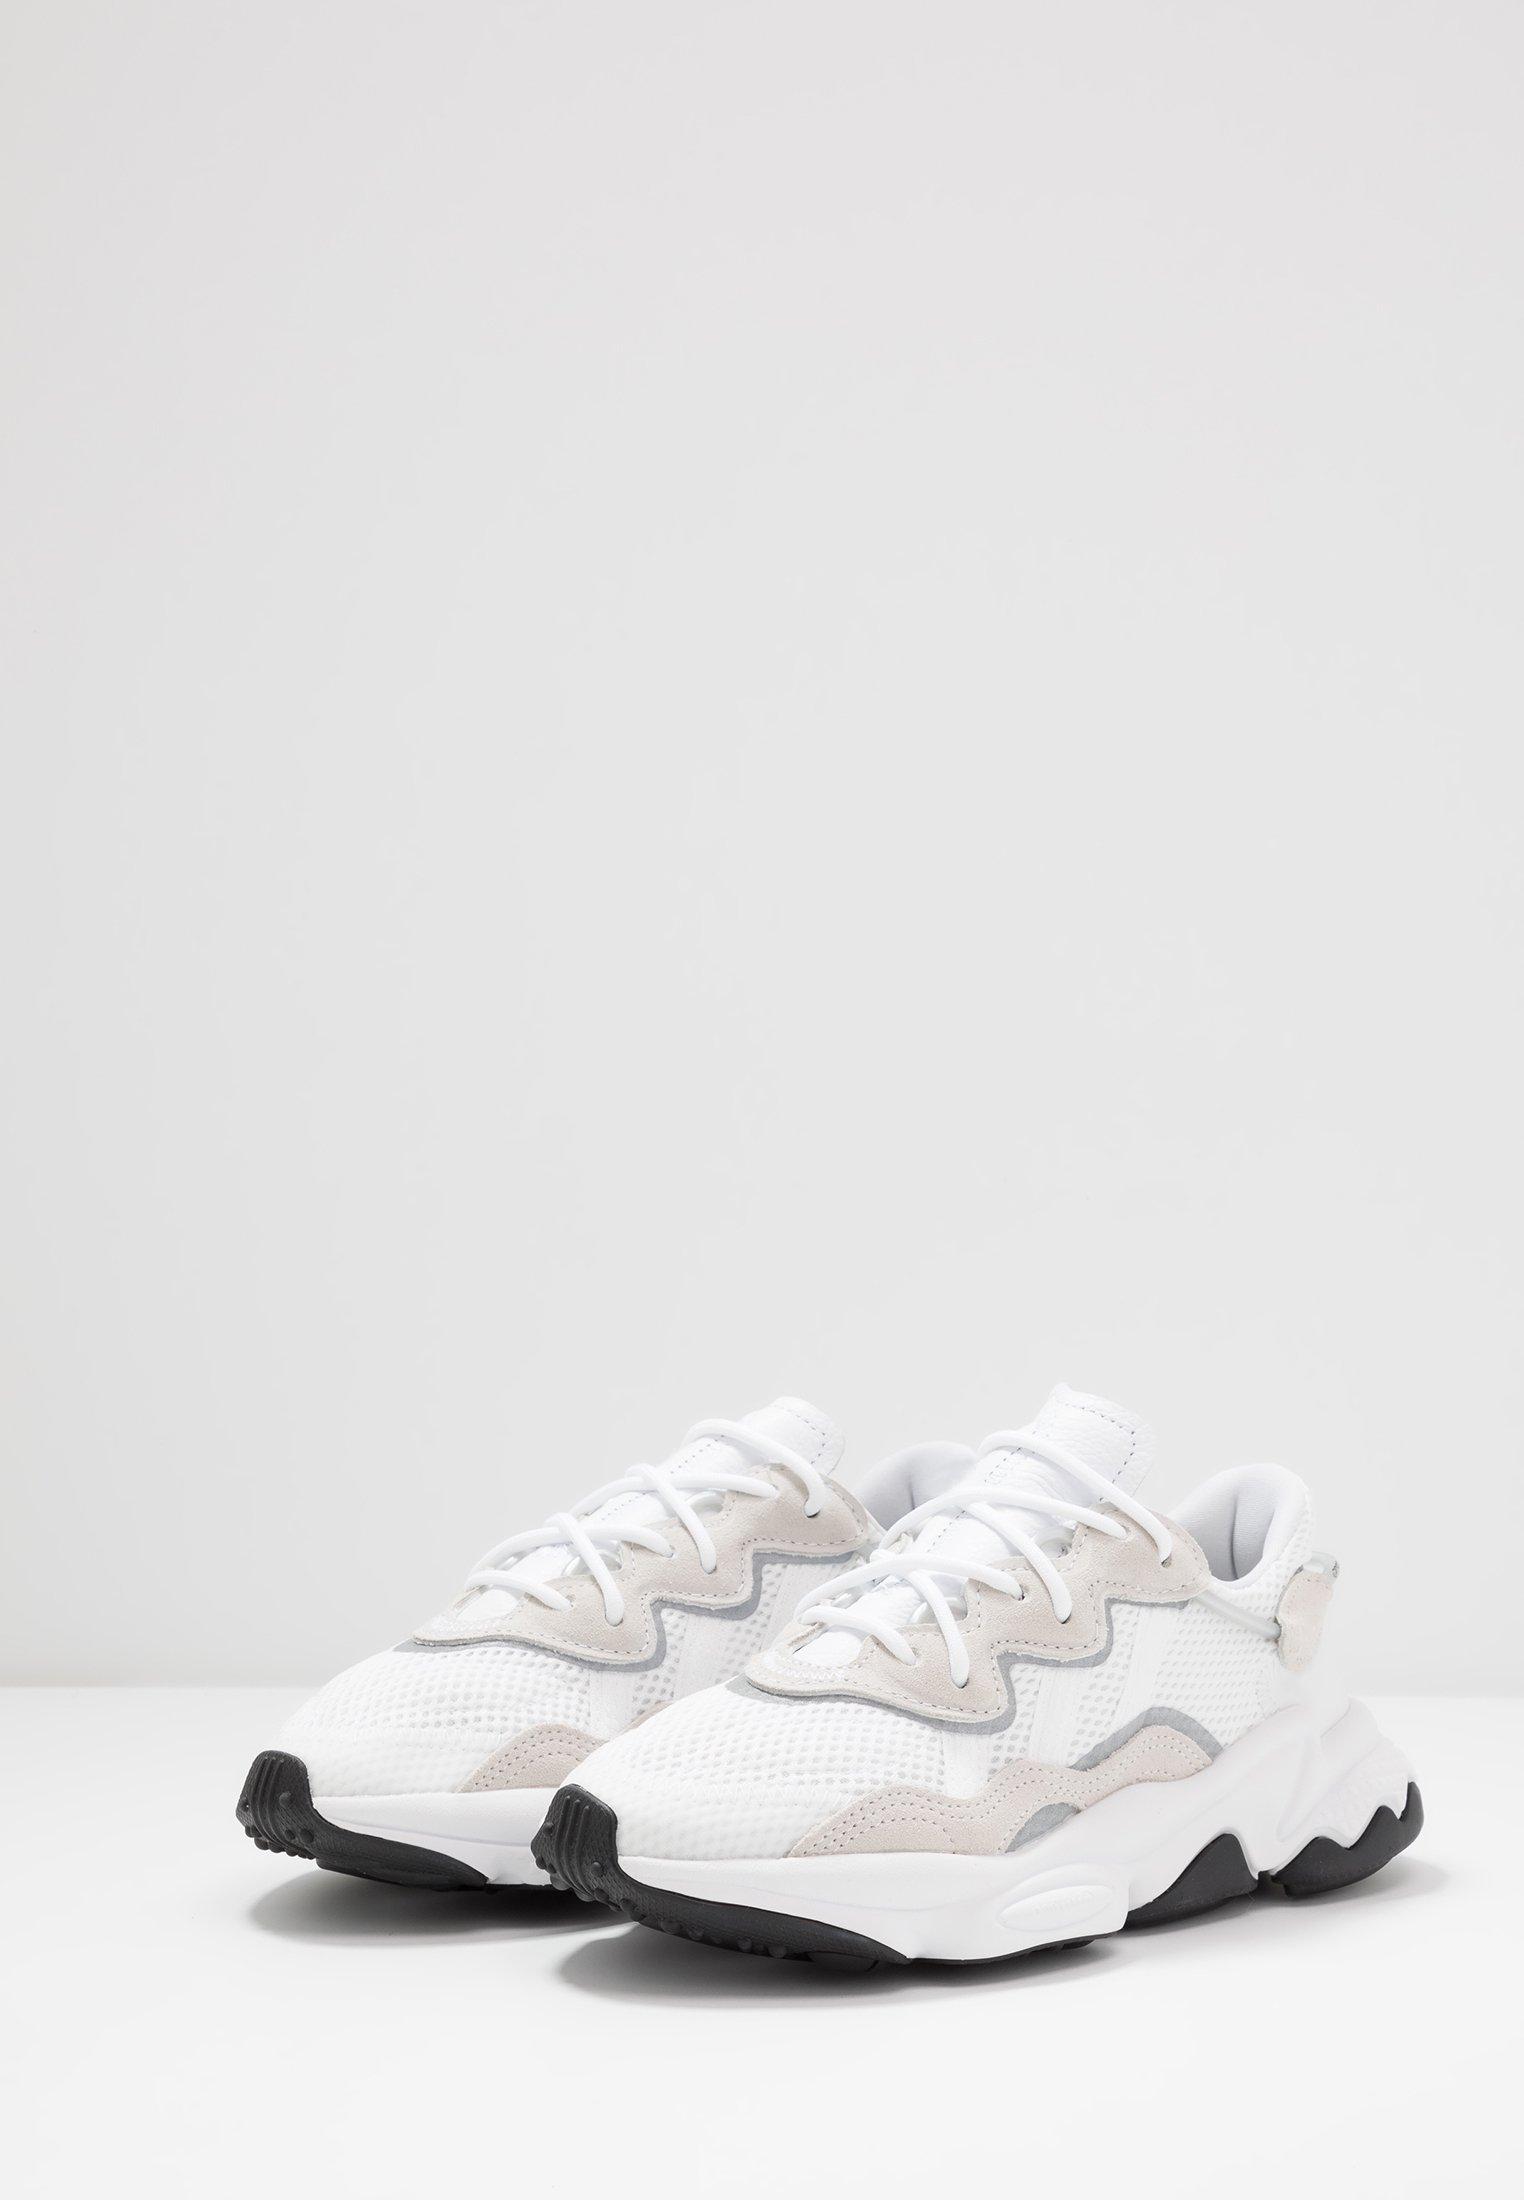 Adidas core Originals Footwear OzweegoBaskets White Basses Black mvynwN80O